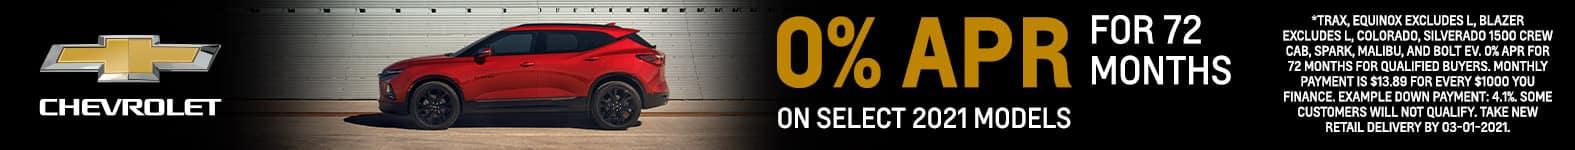 0% APR For 72 Months On Select 2021 Chevrolet Models - Fiesta Chevrolet in Edinburg, Texas